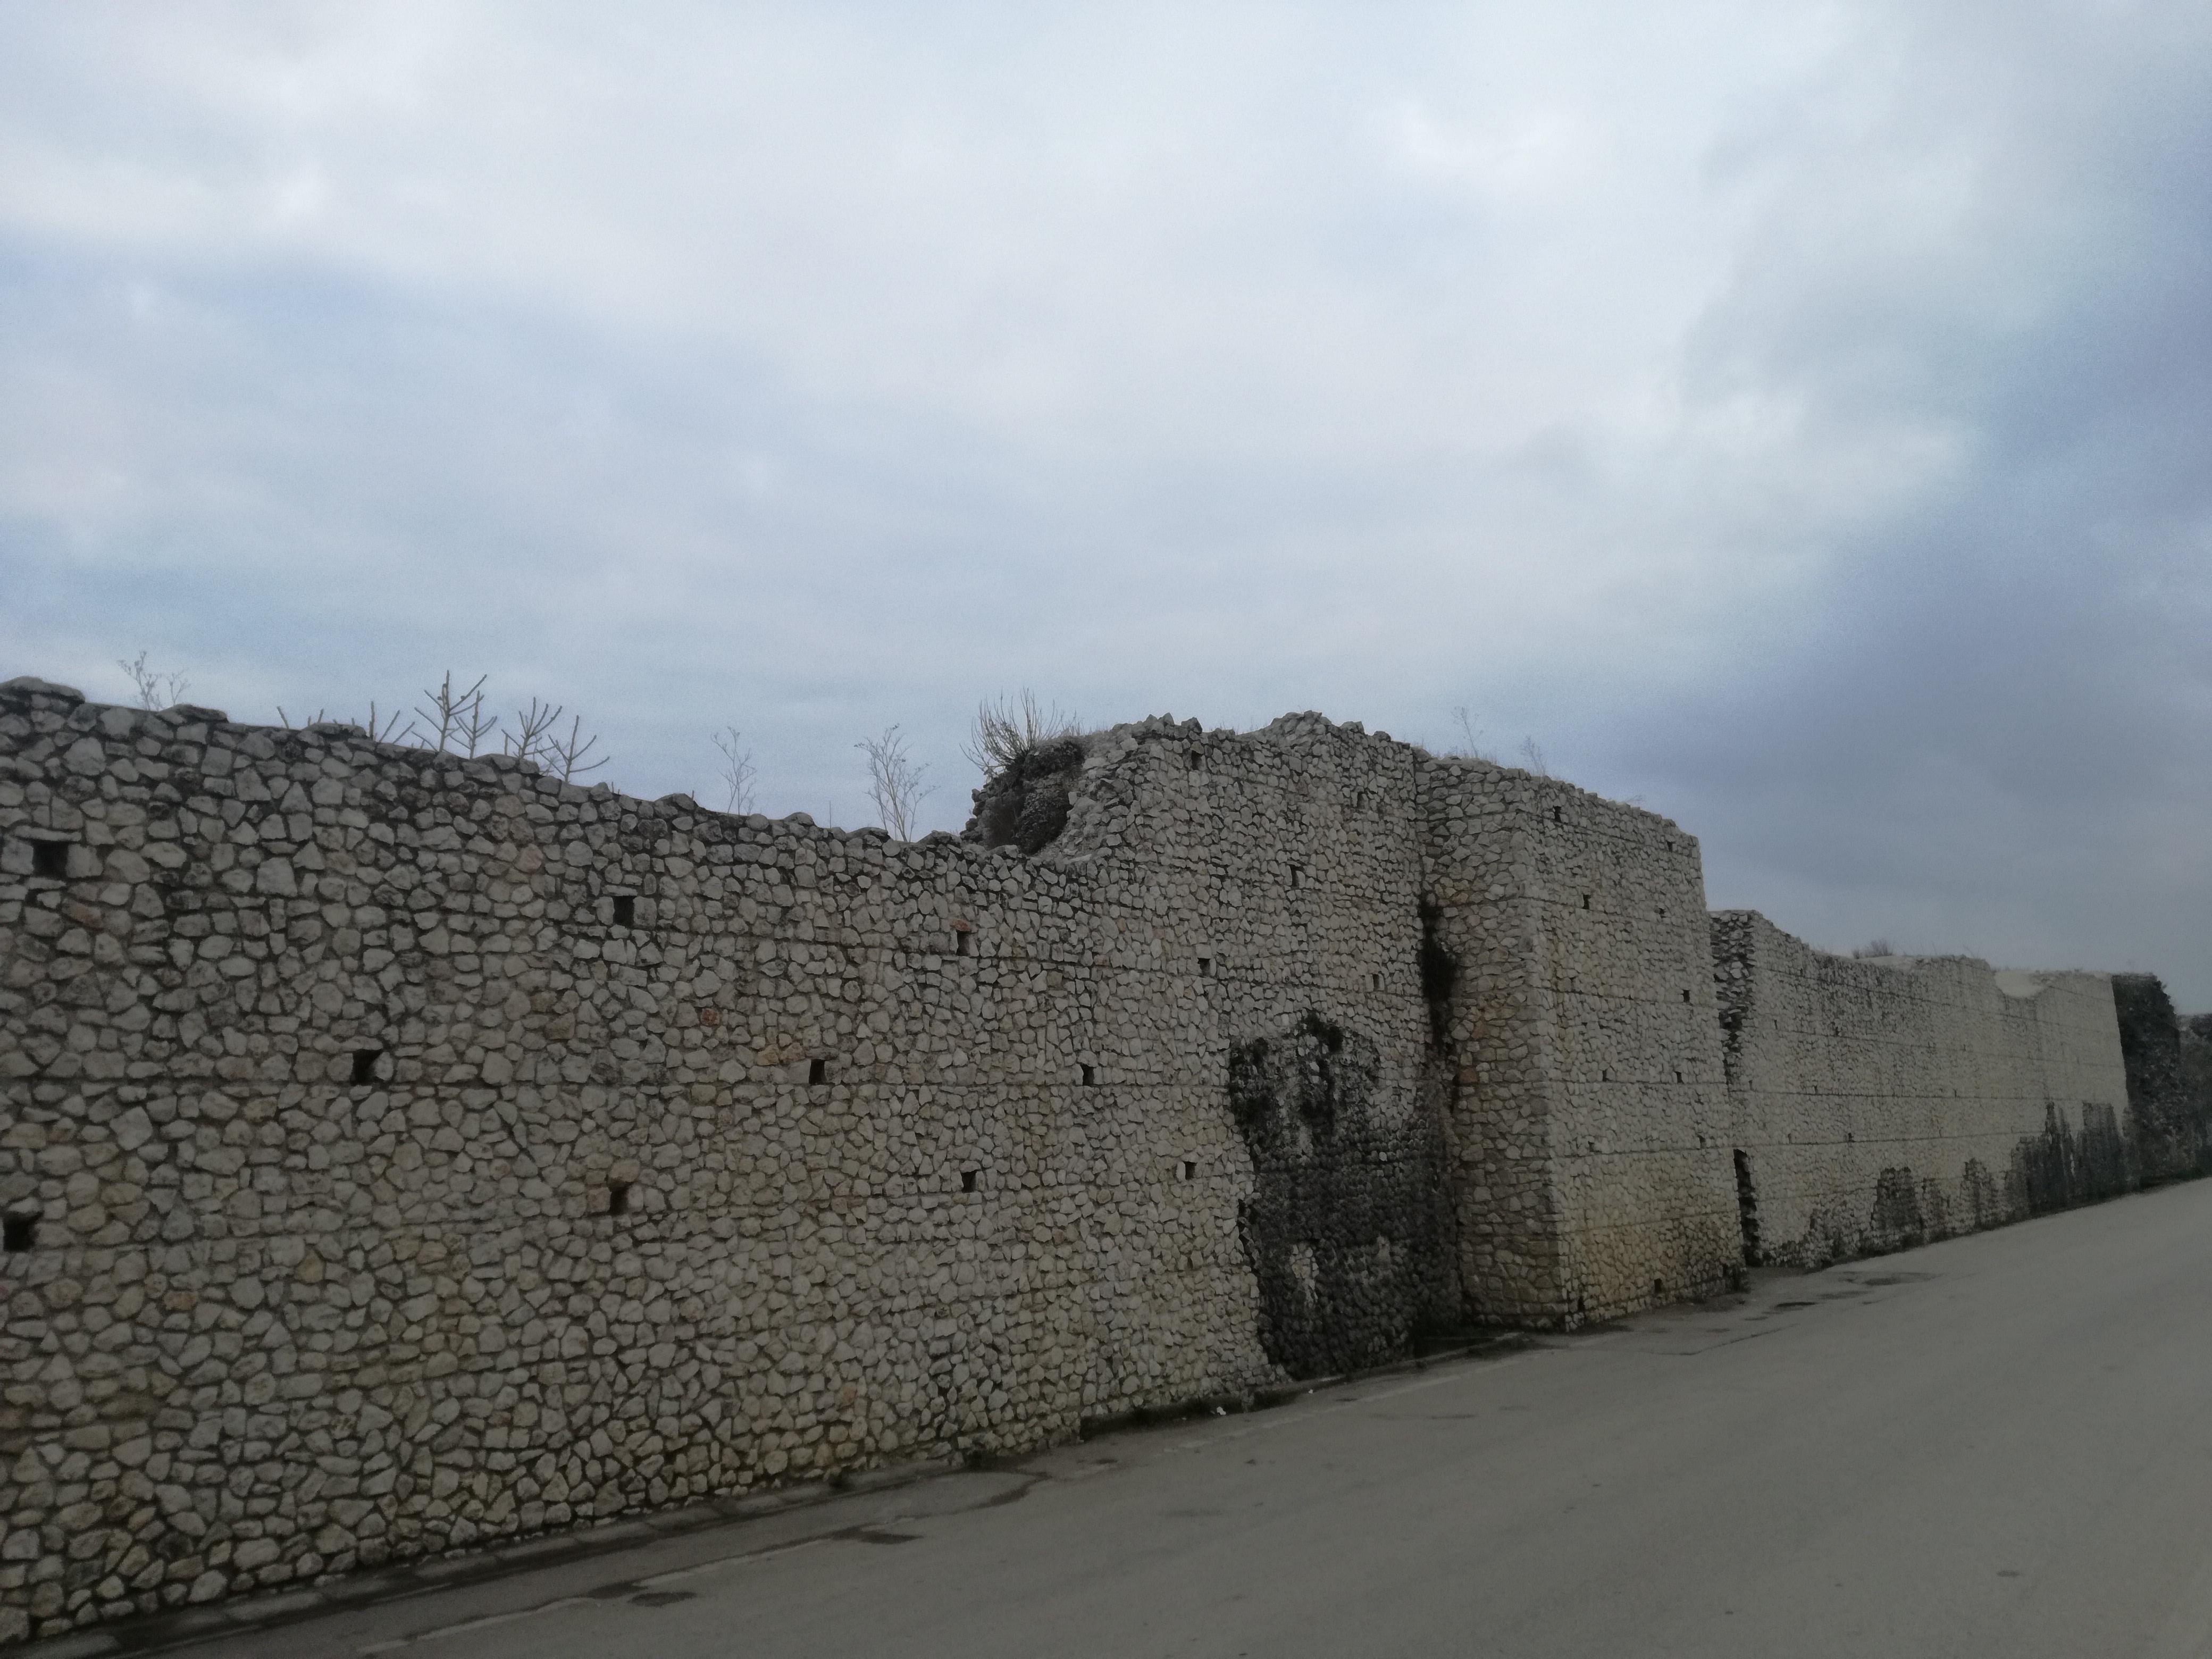 la cinta muraria di Alife